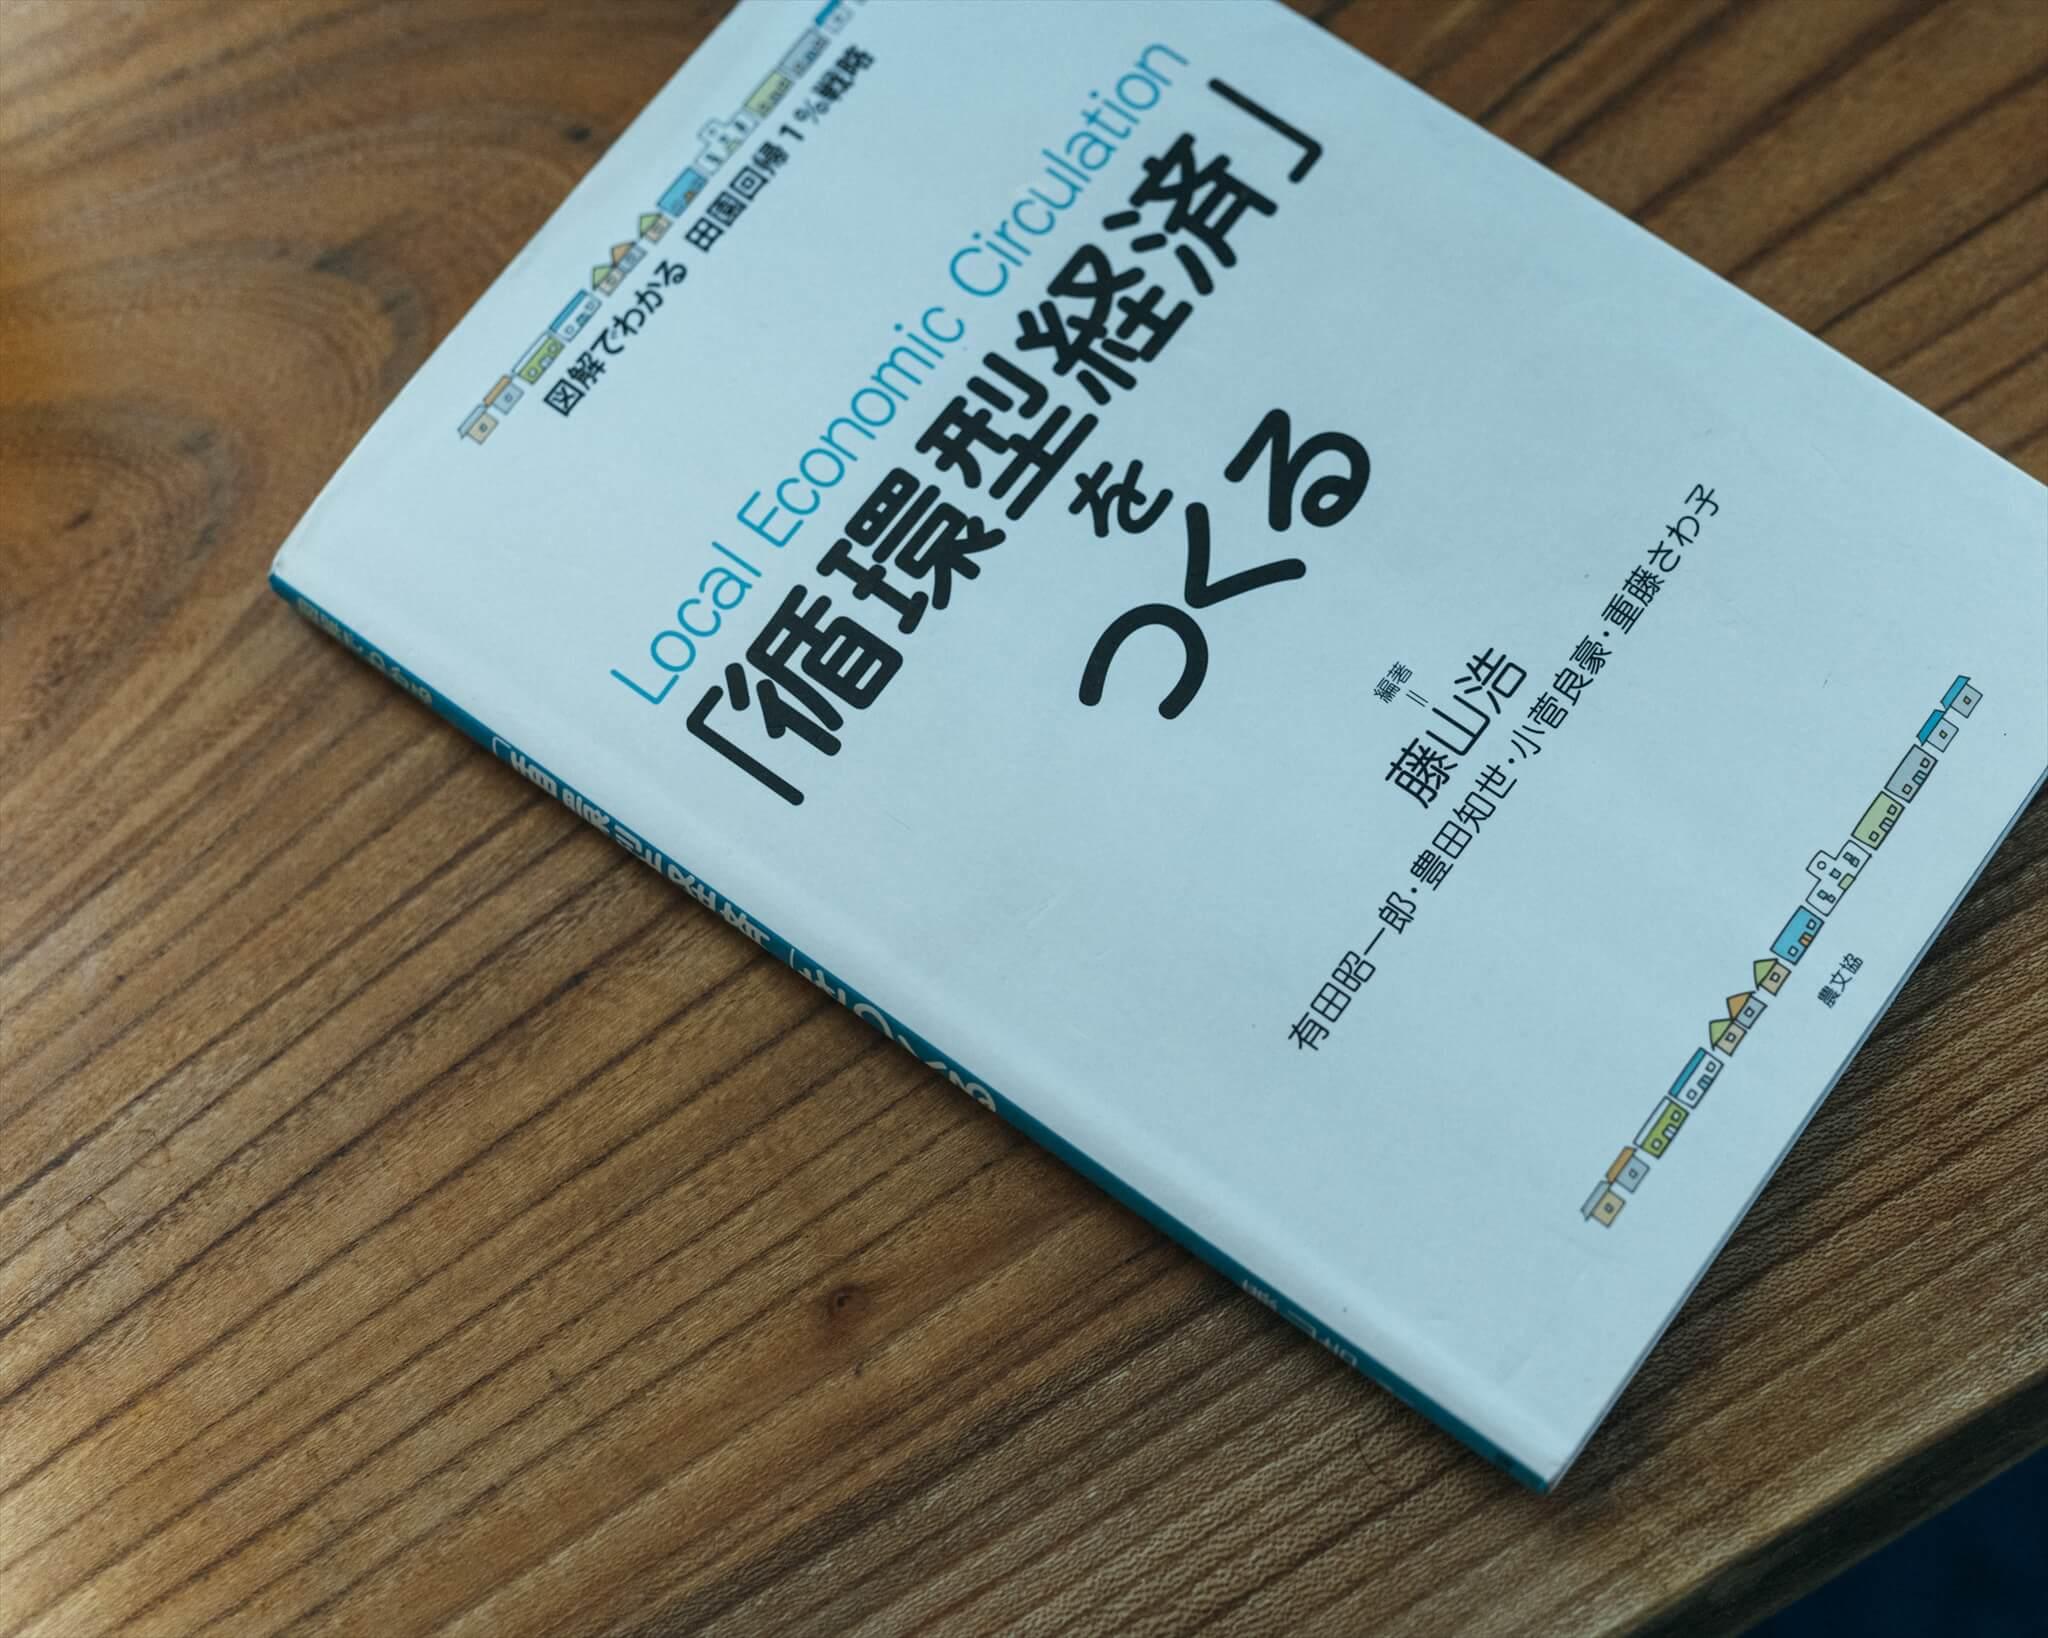 藤山浩著『「循環型経済」をつくる』